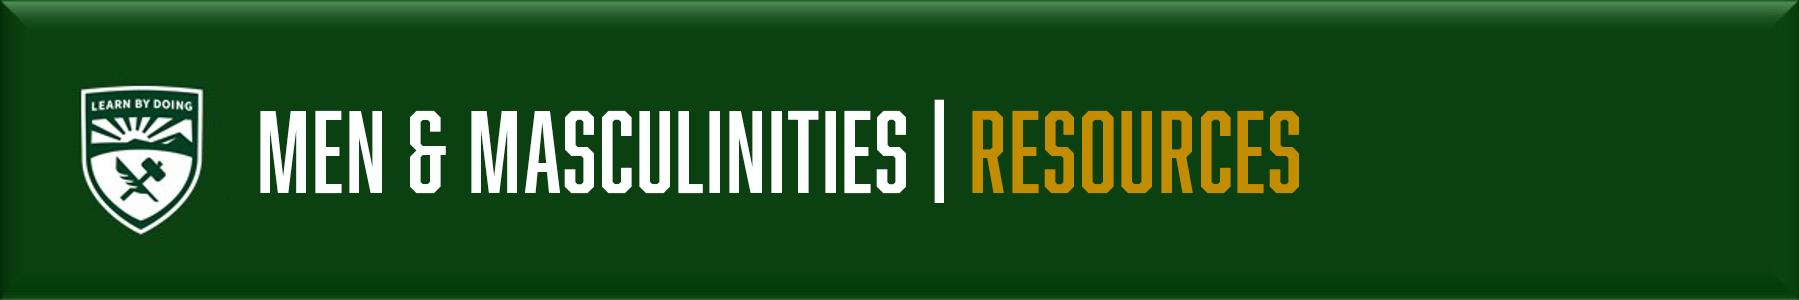 Men & Masculinities - Resources